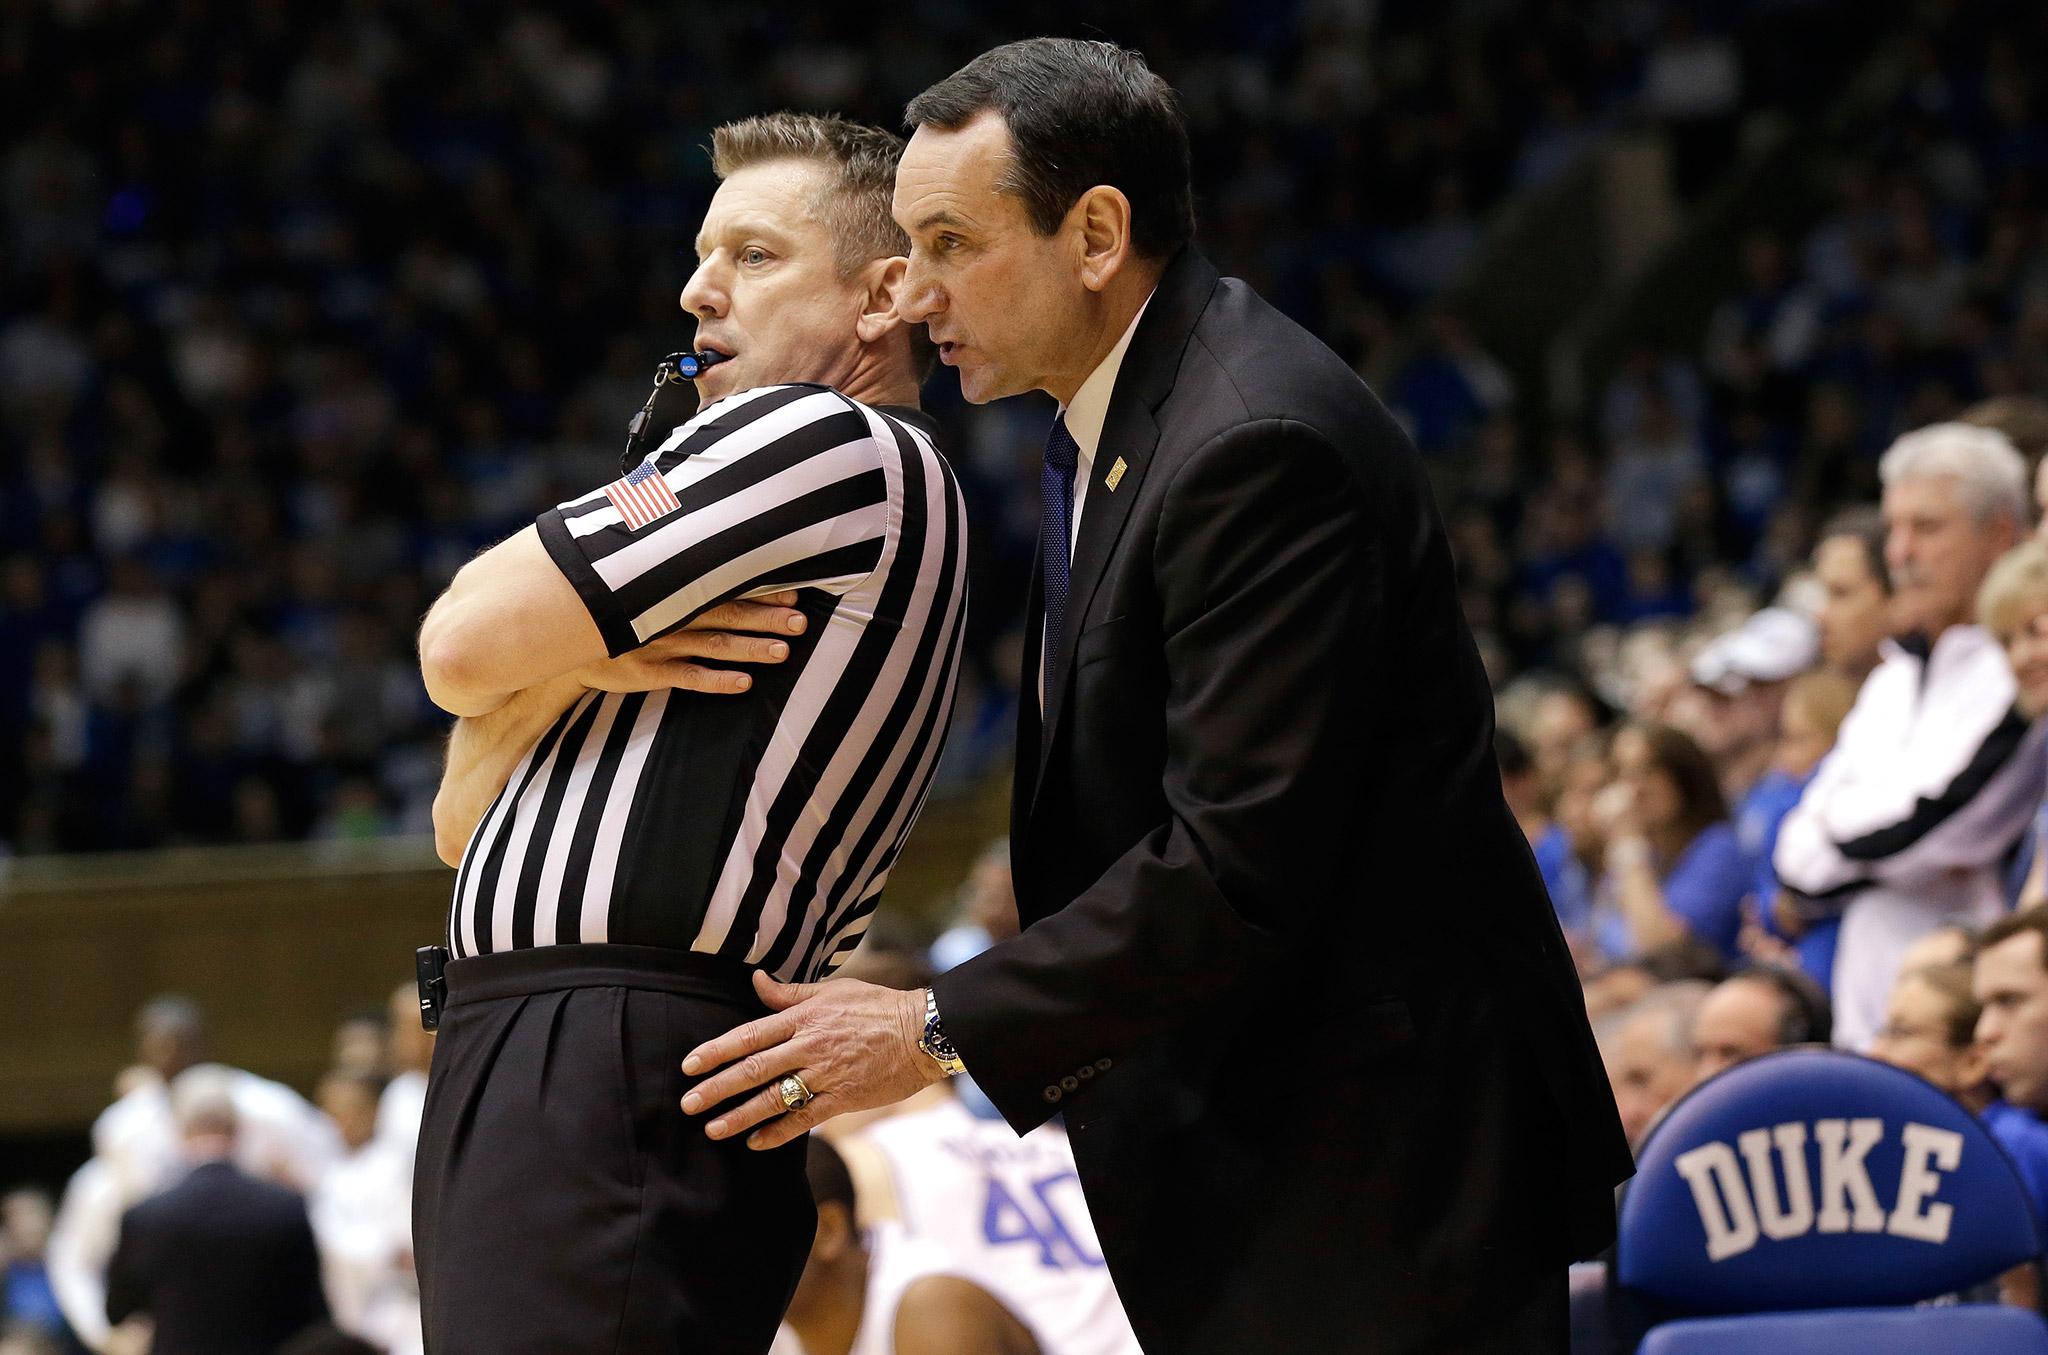 leadership theories of coach krzyzewski